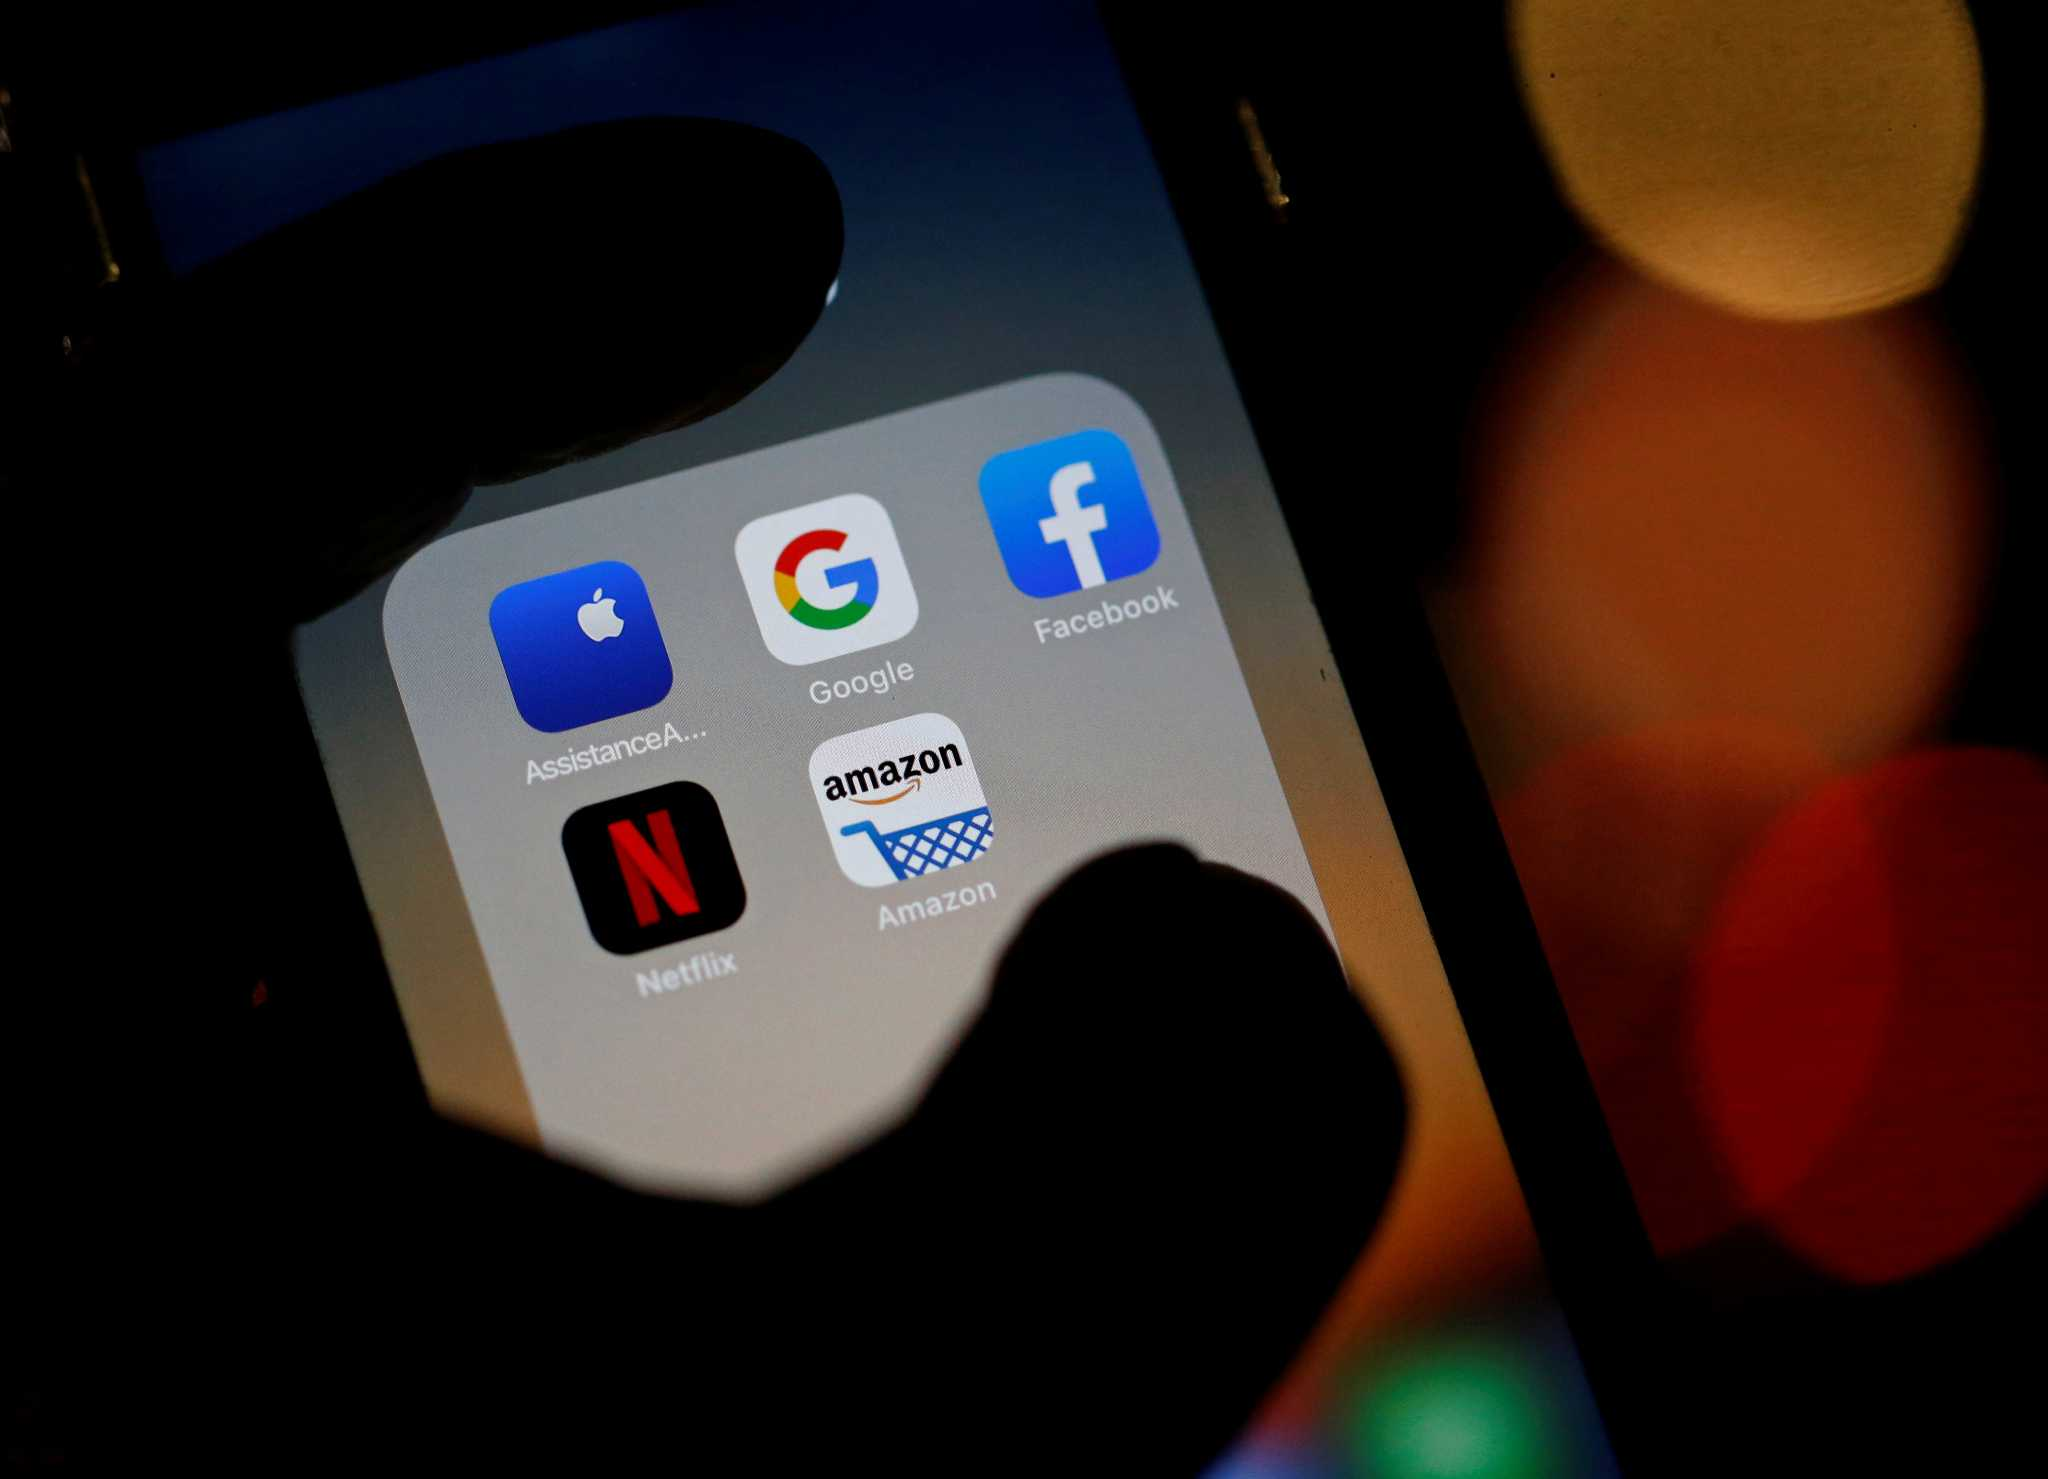 Ο κορονοϊός «απογείωσε» την χρήση του Ίντερνετ στην Ελλάδα – Στο 96% στις ηλικίες 13-74